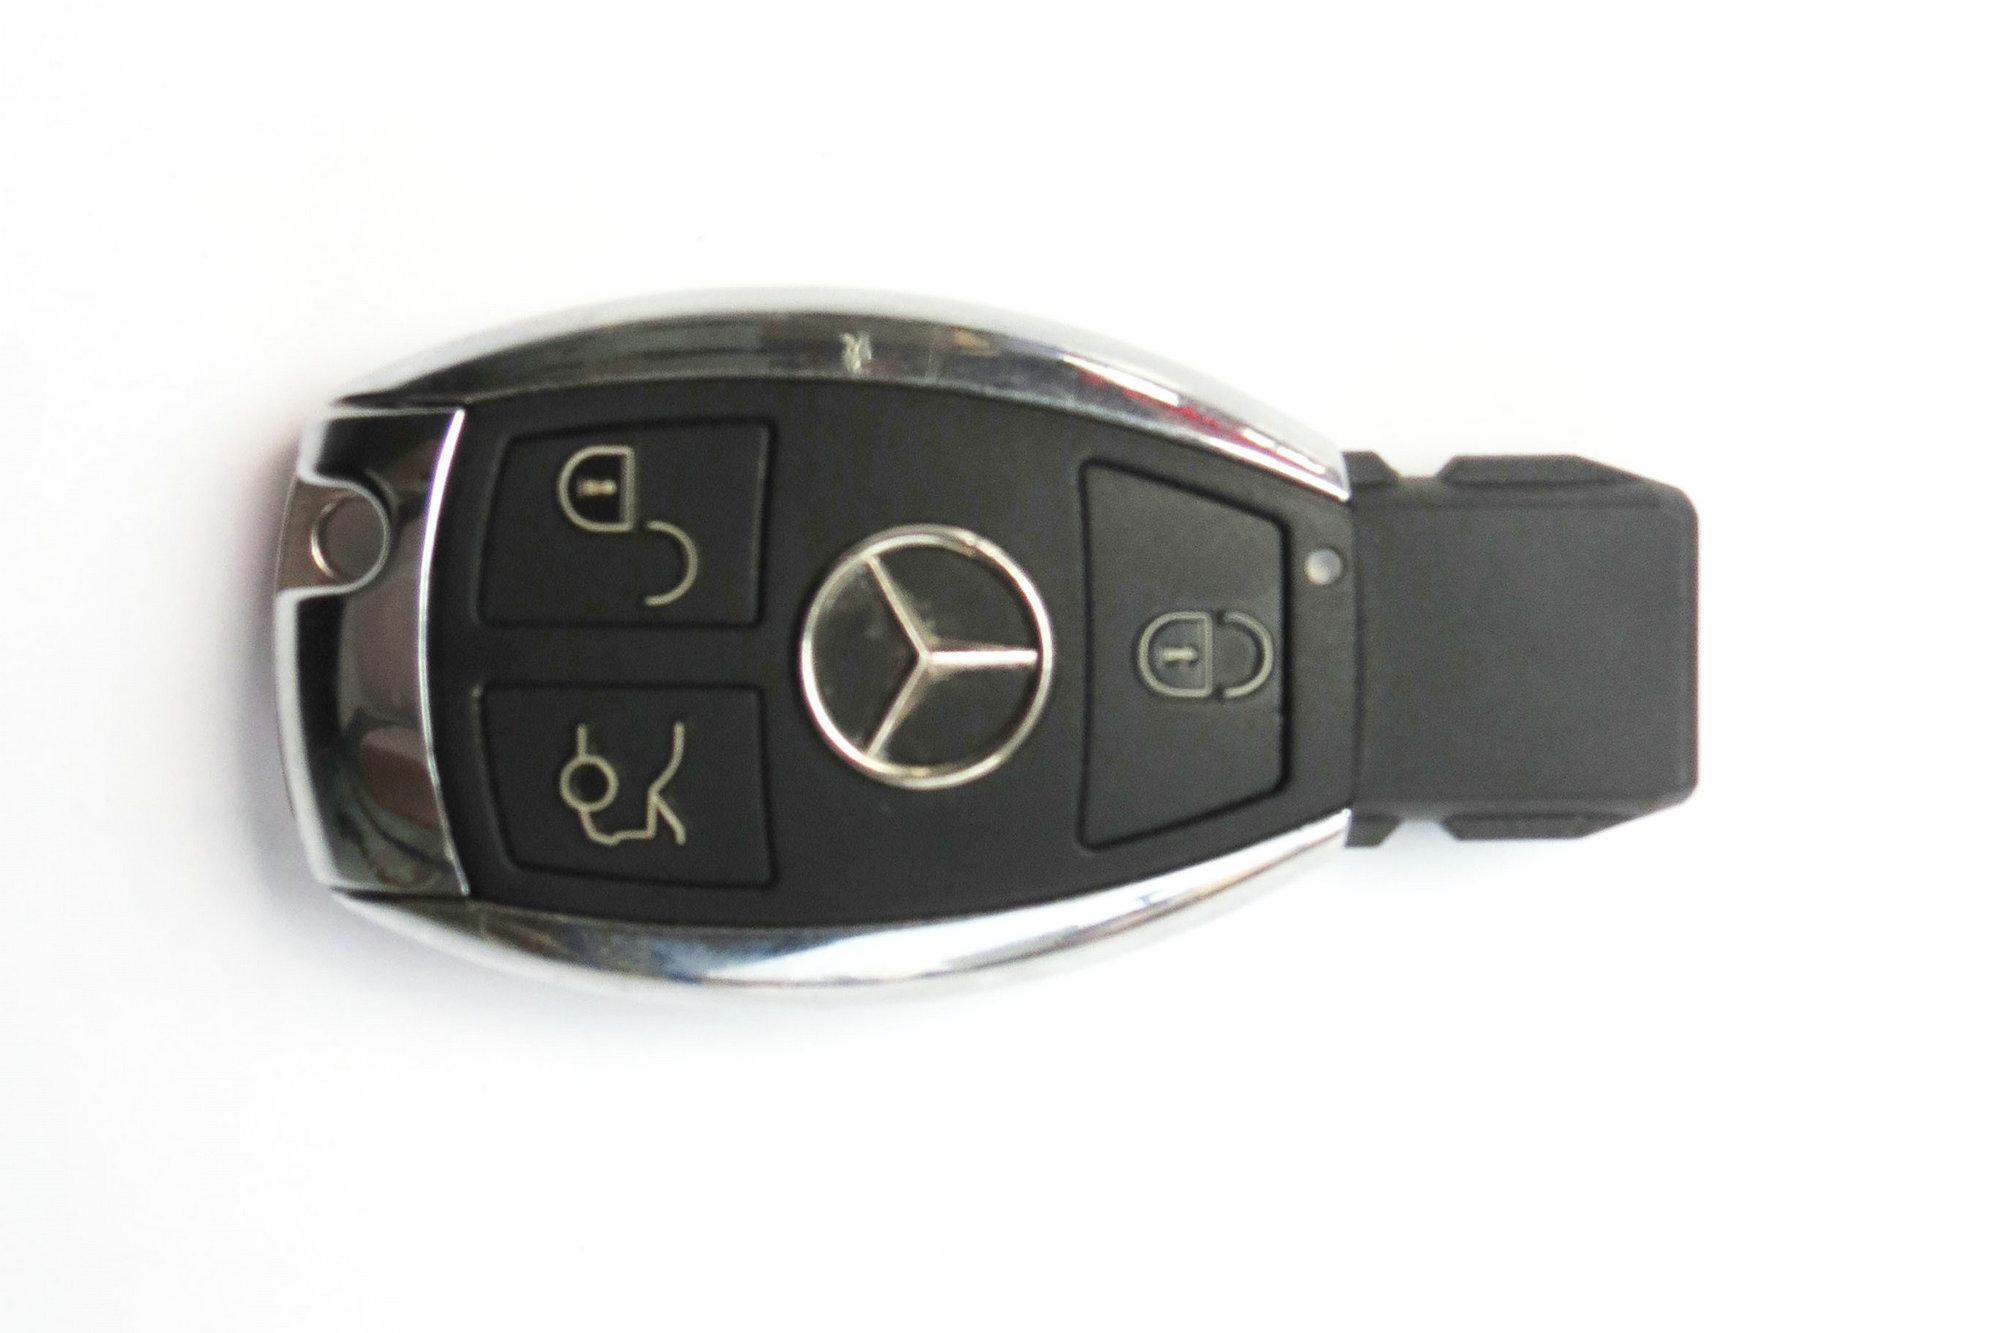 奔驰钥匙 郑州哪有配汽车钥匙的?丨郑州哪有调汽车表?